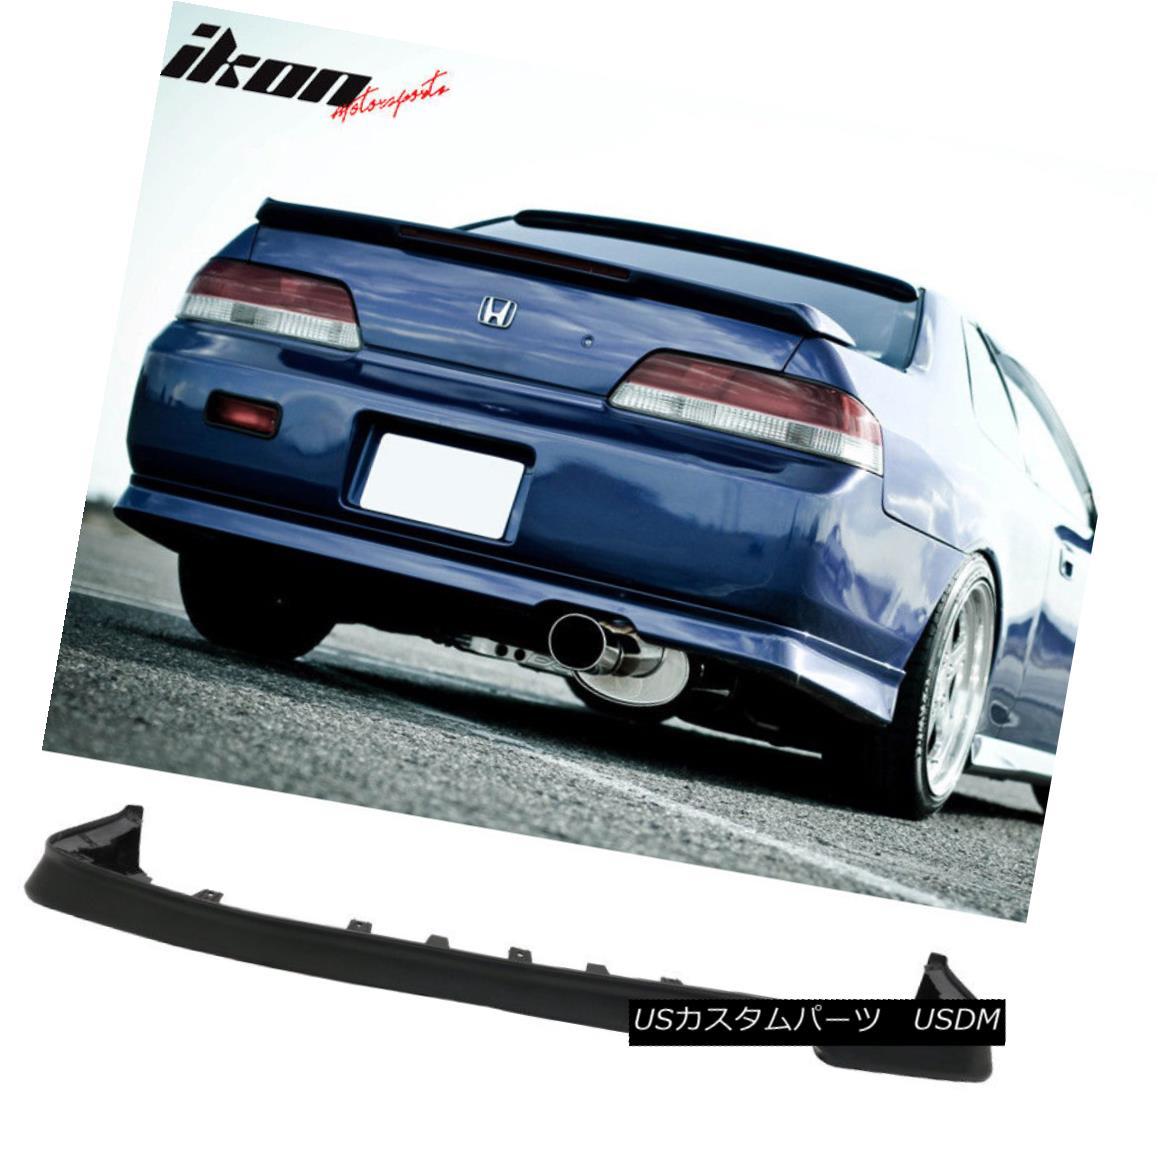 エアロパーツ Fits 97-01 Honda Prelude BB6 OE Factory Style Rear Bumper Lip Valance フィット97-01ホンダプレリュードBB6 OE工場スタイルリアバンパーリップバランス